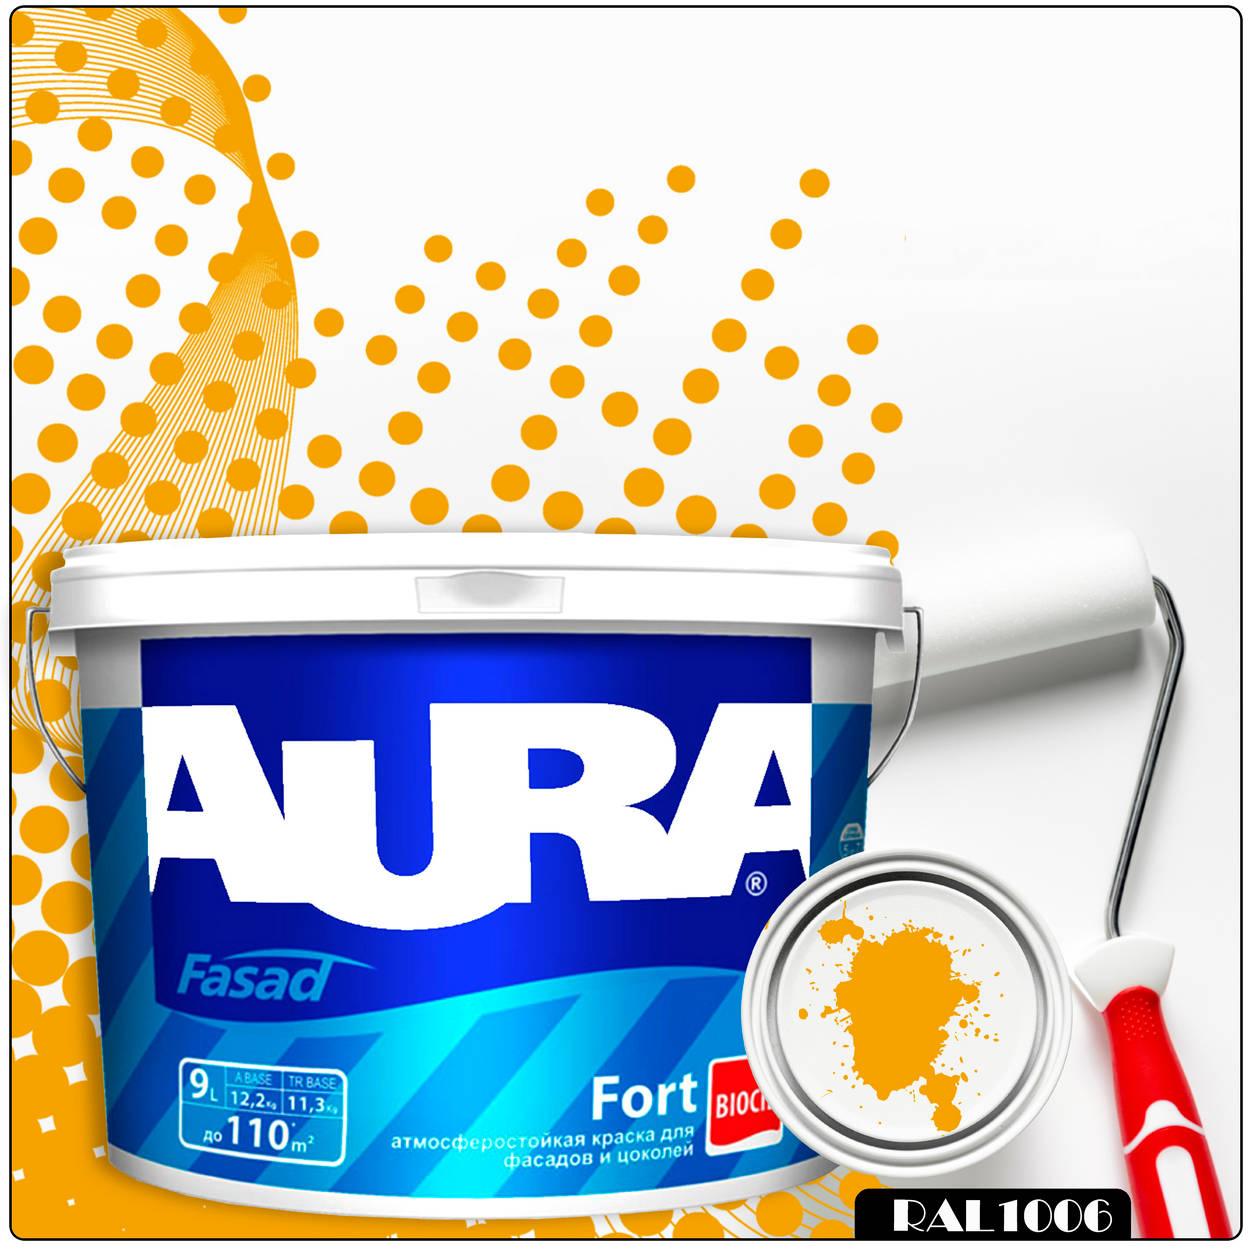 Фото 7 - Краска Aura Fasad Fort, RAL 1006 Кукурузно-жёлтый, латексная, матовая, для фасада и цоколей, 9л, Аура.